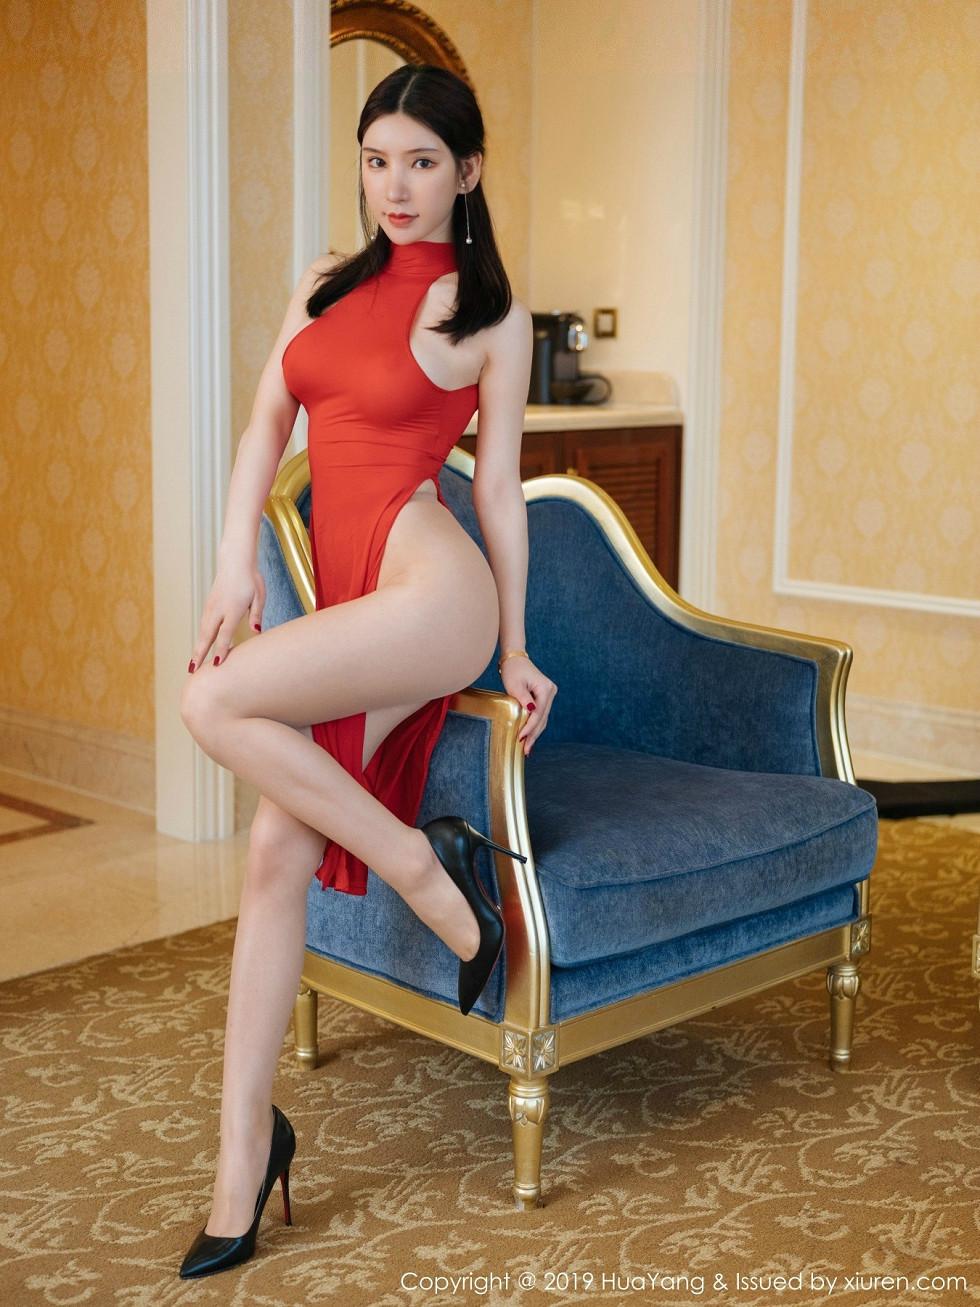 女神周于希Sandy私房金缕衣大尺度露豪乳翘臀极致诱惑无圣光写真40P